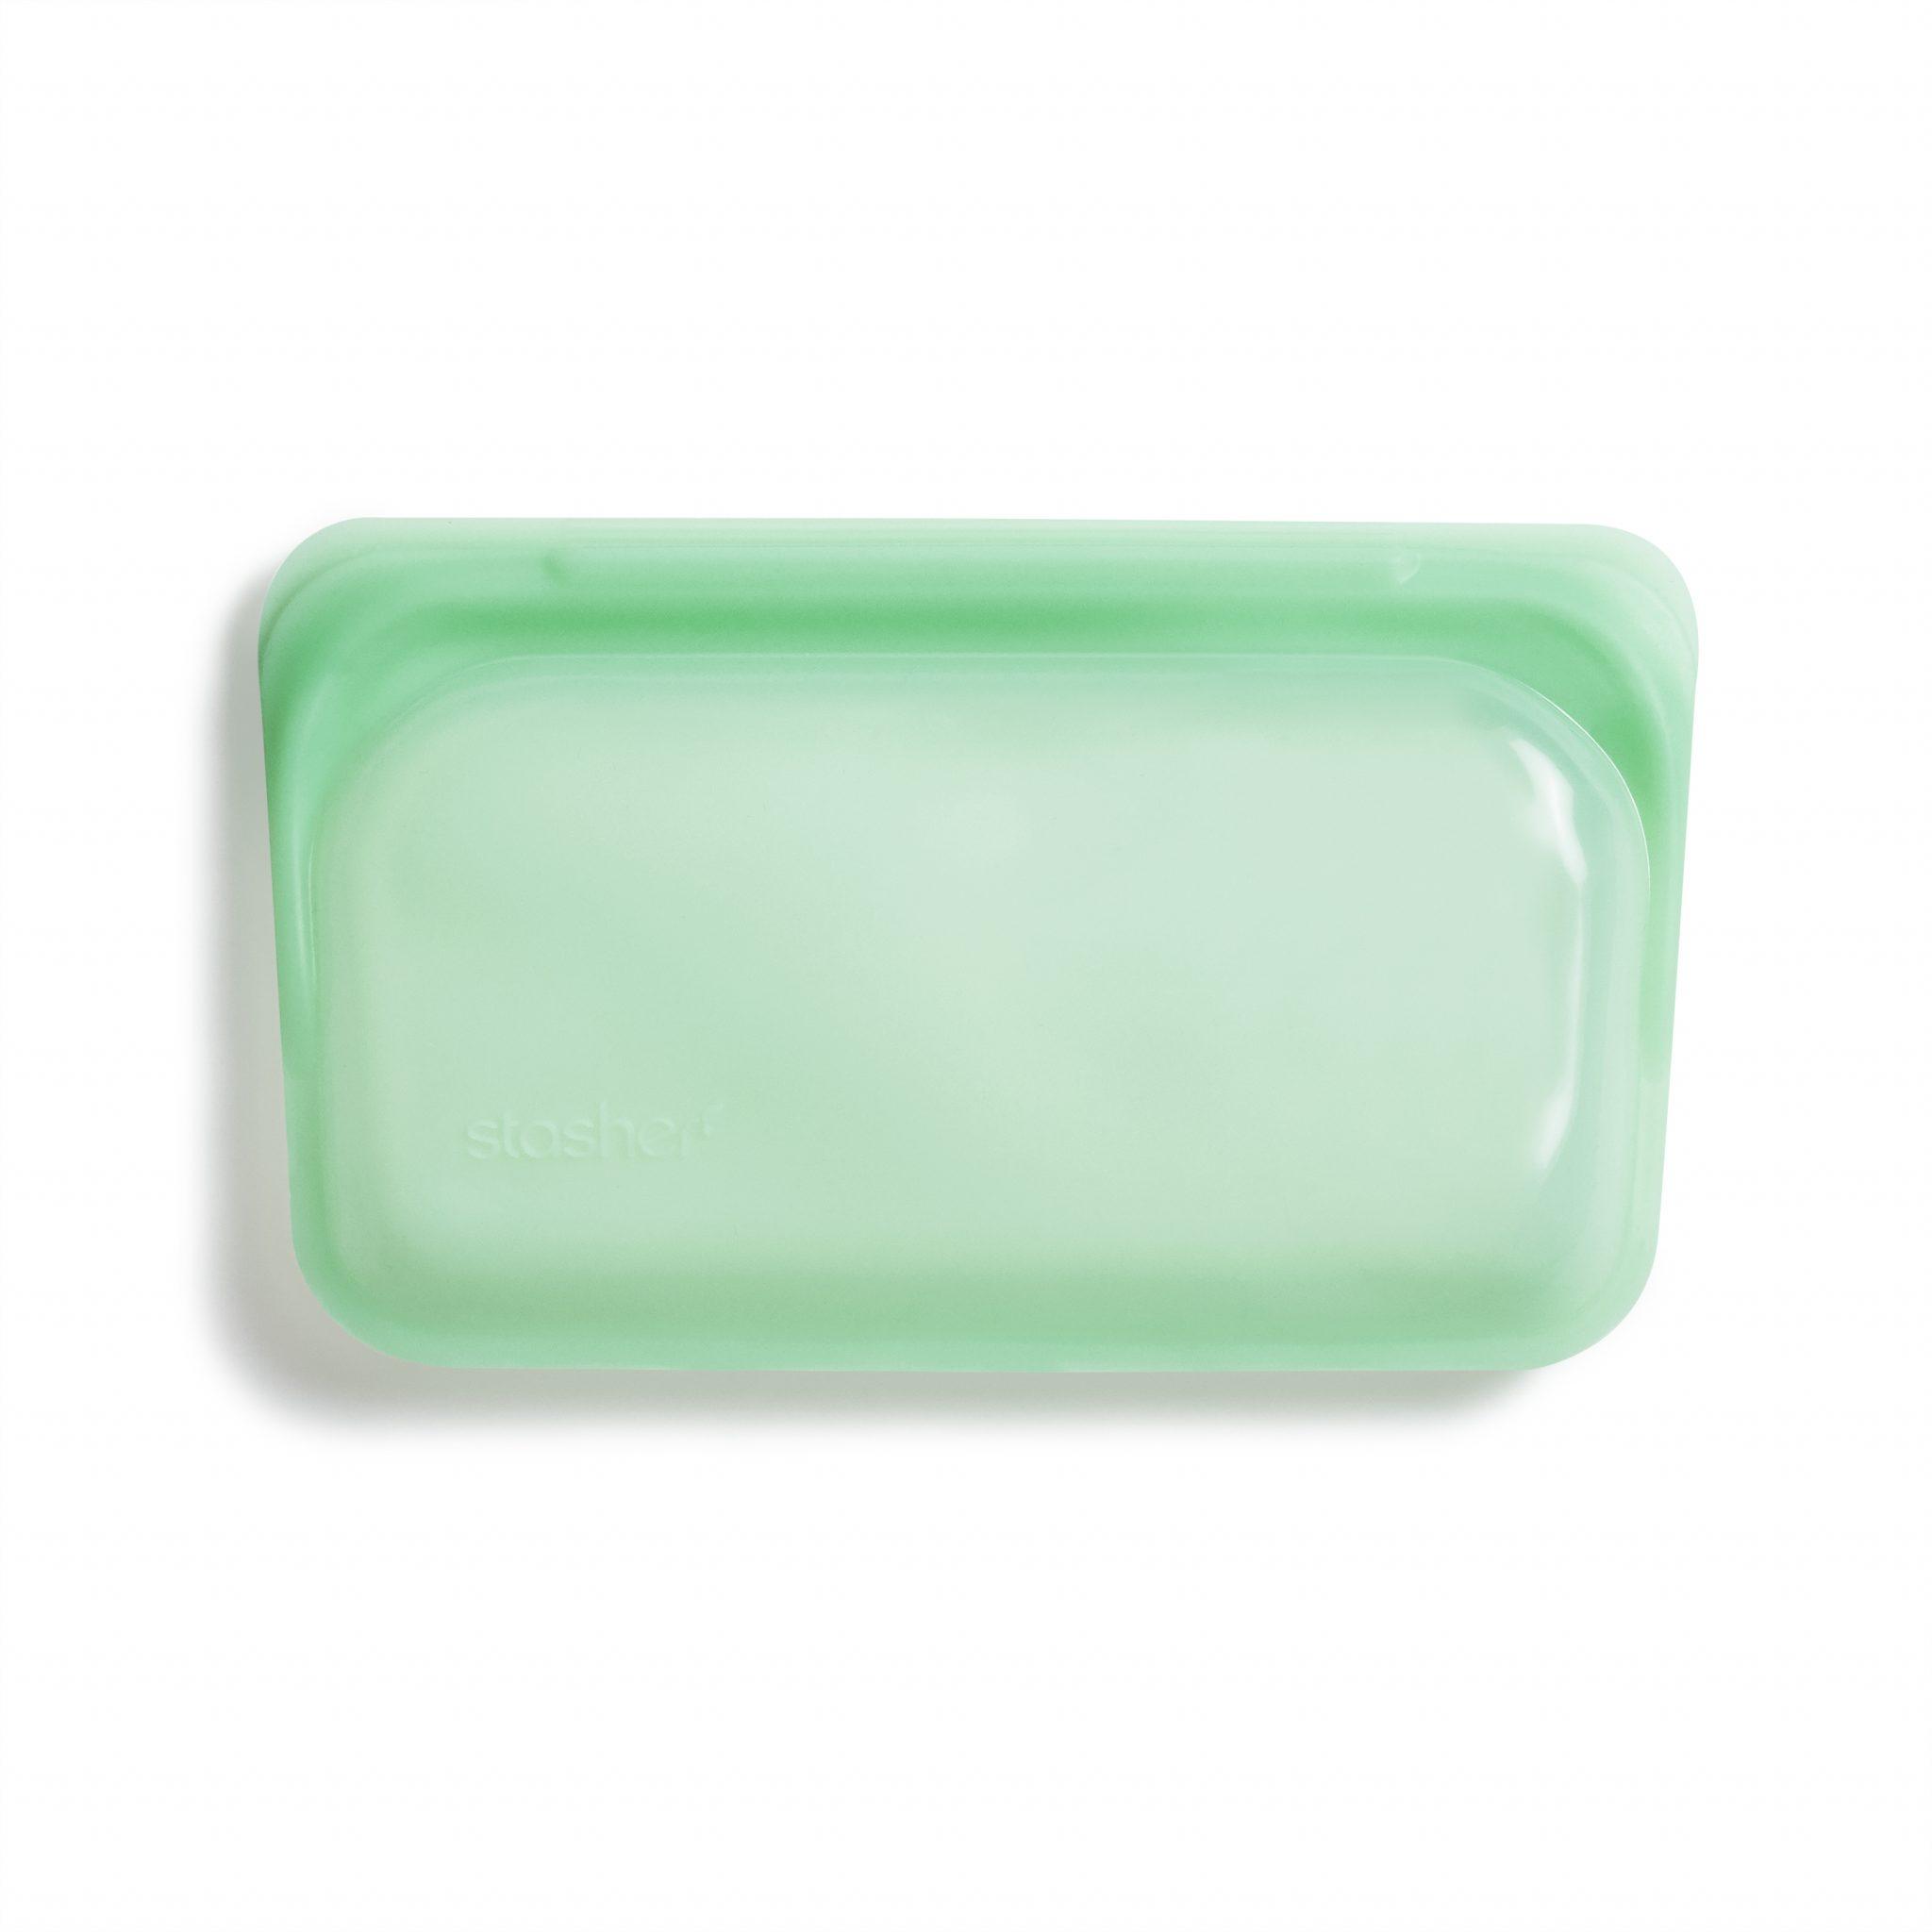 美國 Stasher 矽膠密封袋 長形 薄荷綠